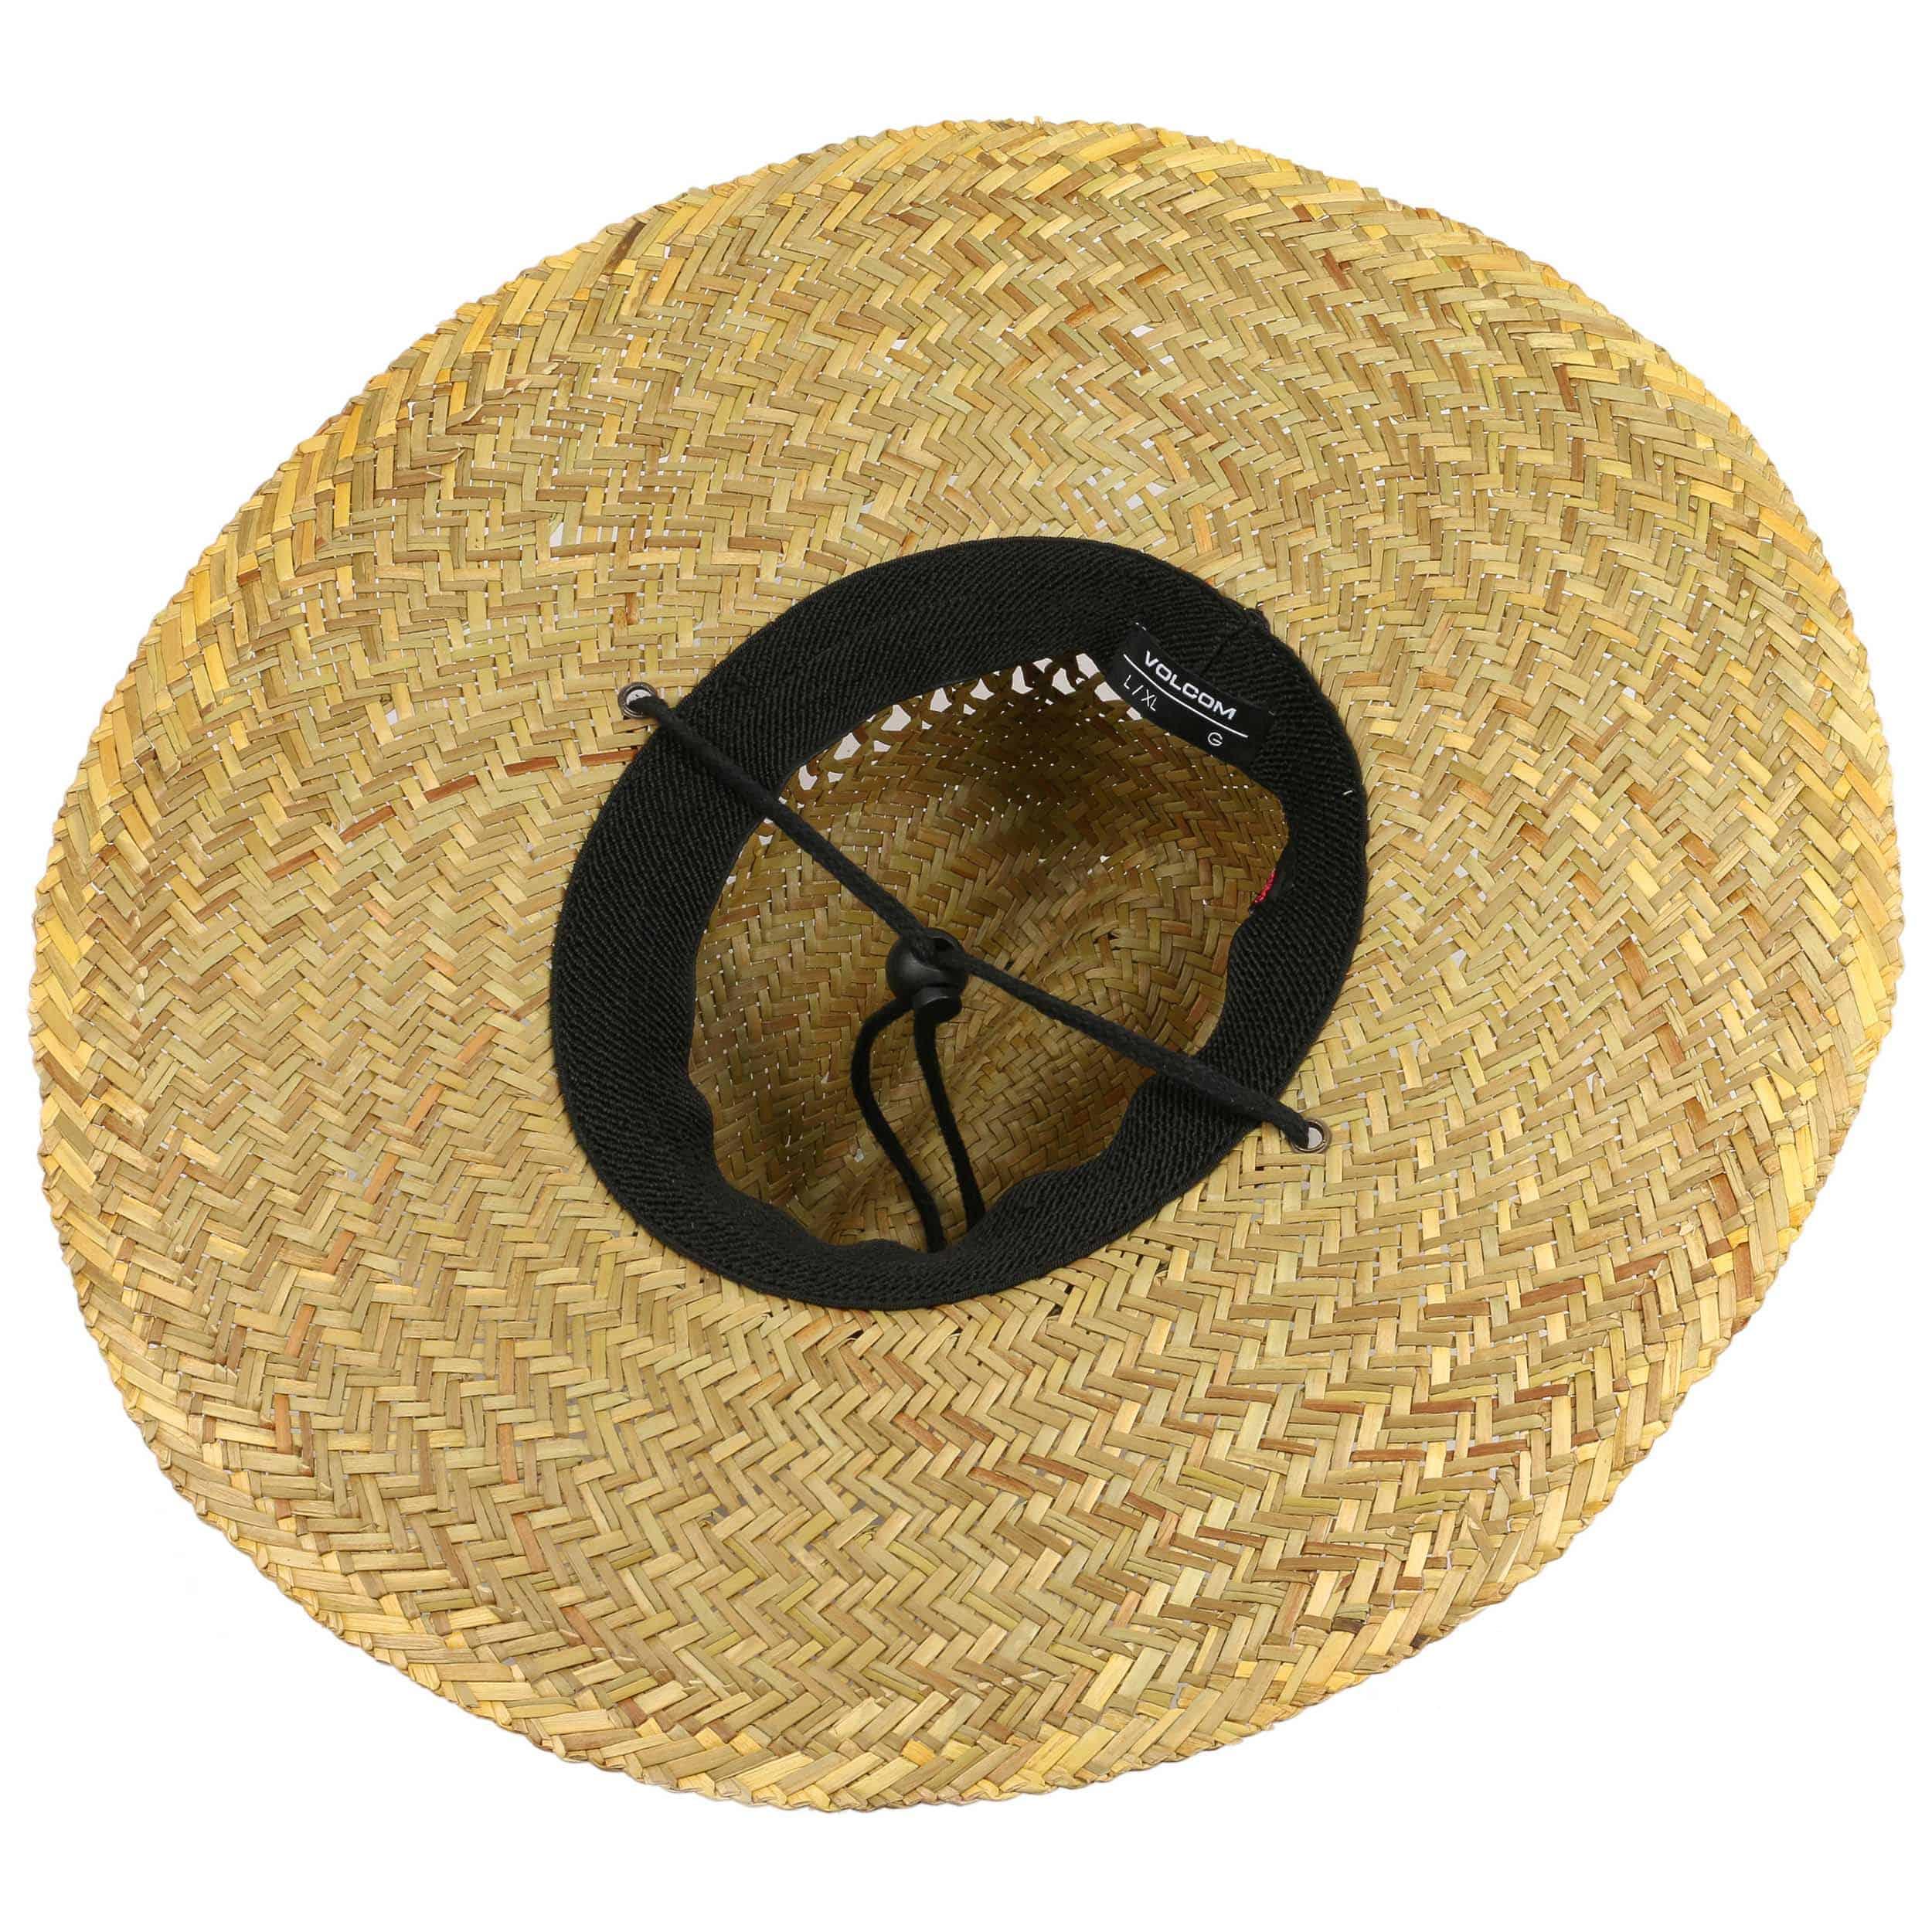 ... natural 1 · Sombrero de Paja Hellican by Volcom - natural 2 ... c16b0ffca53